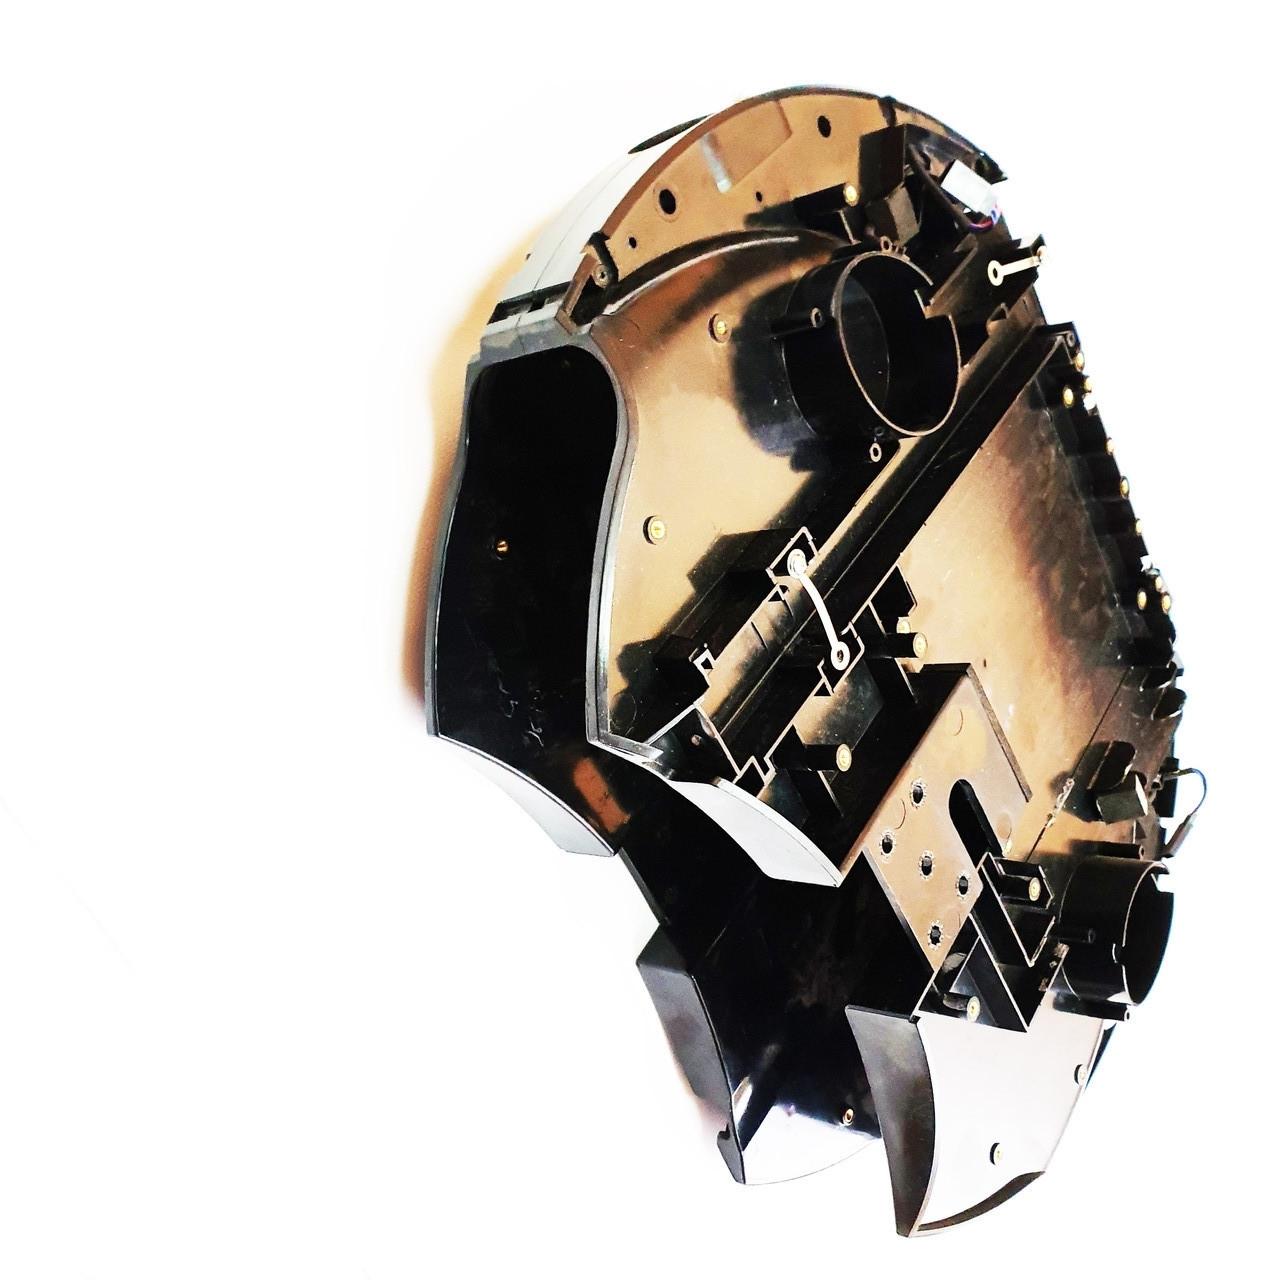 Внутрішній корпус (рама) KS-16S